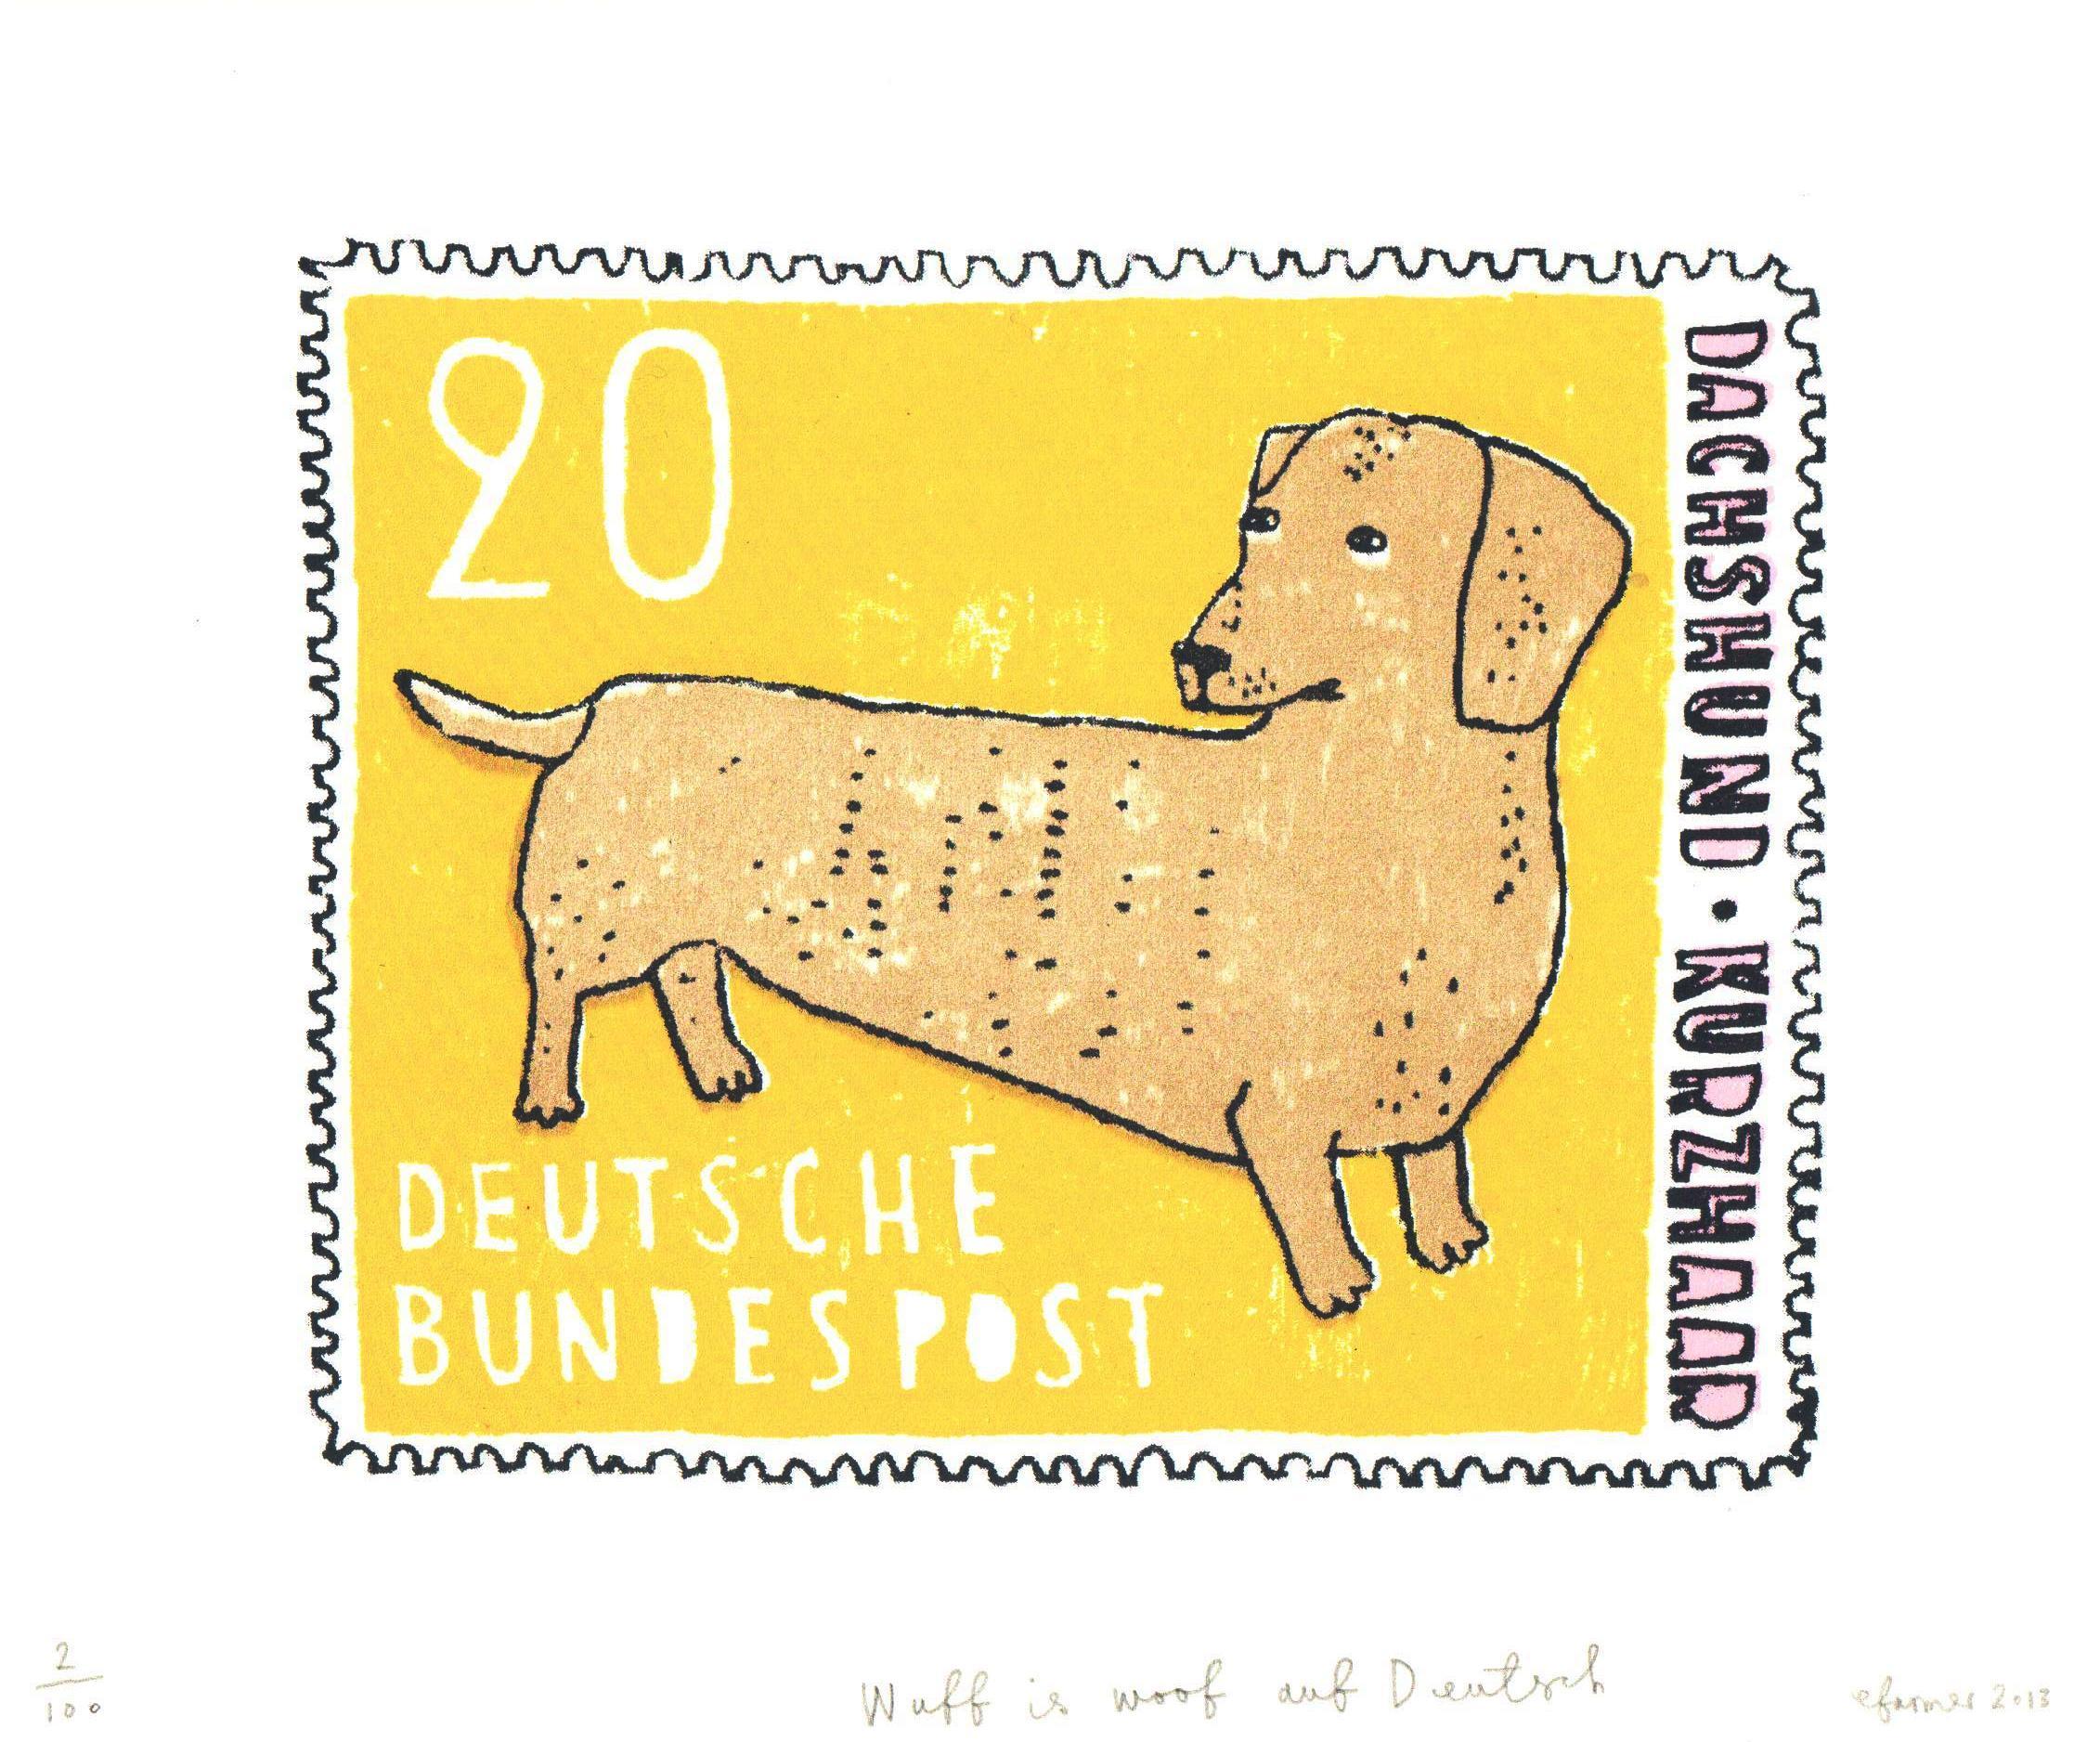 Wuff is Woof Auf Deutsch (mustard)